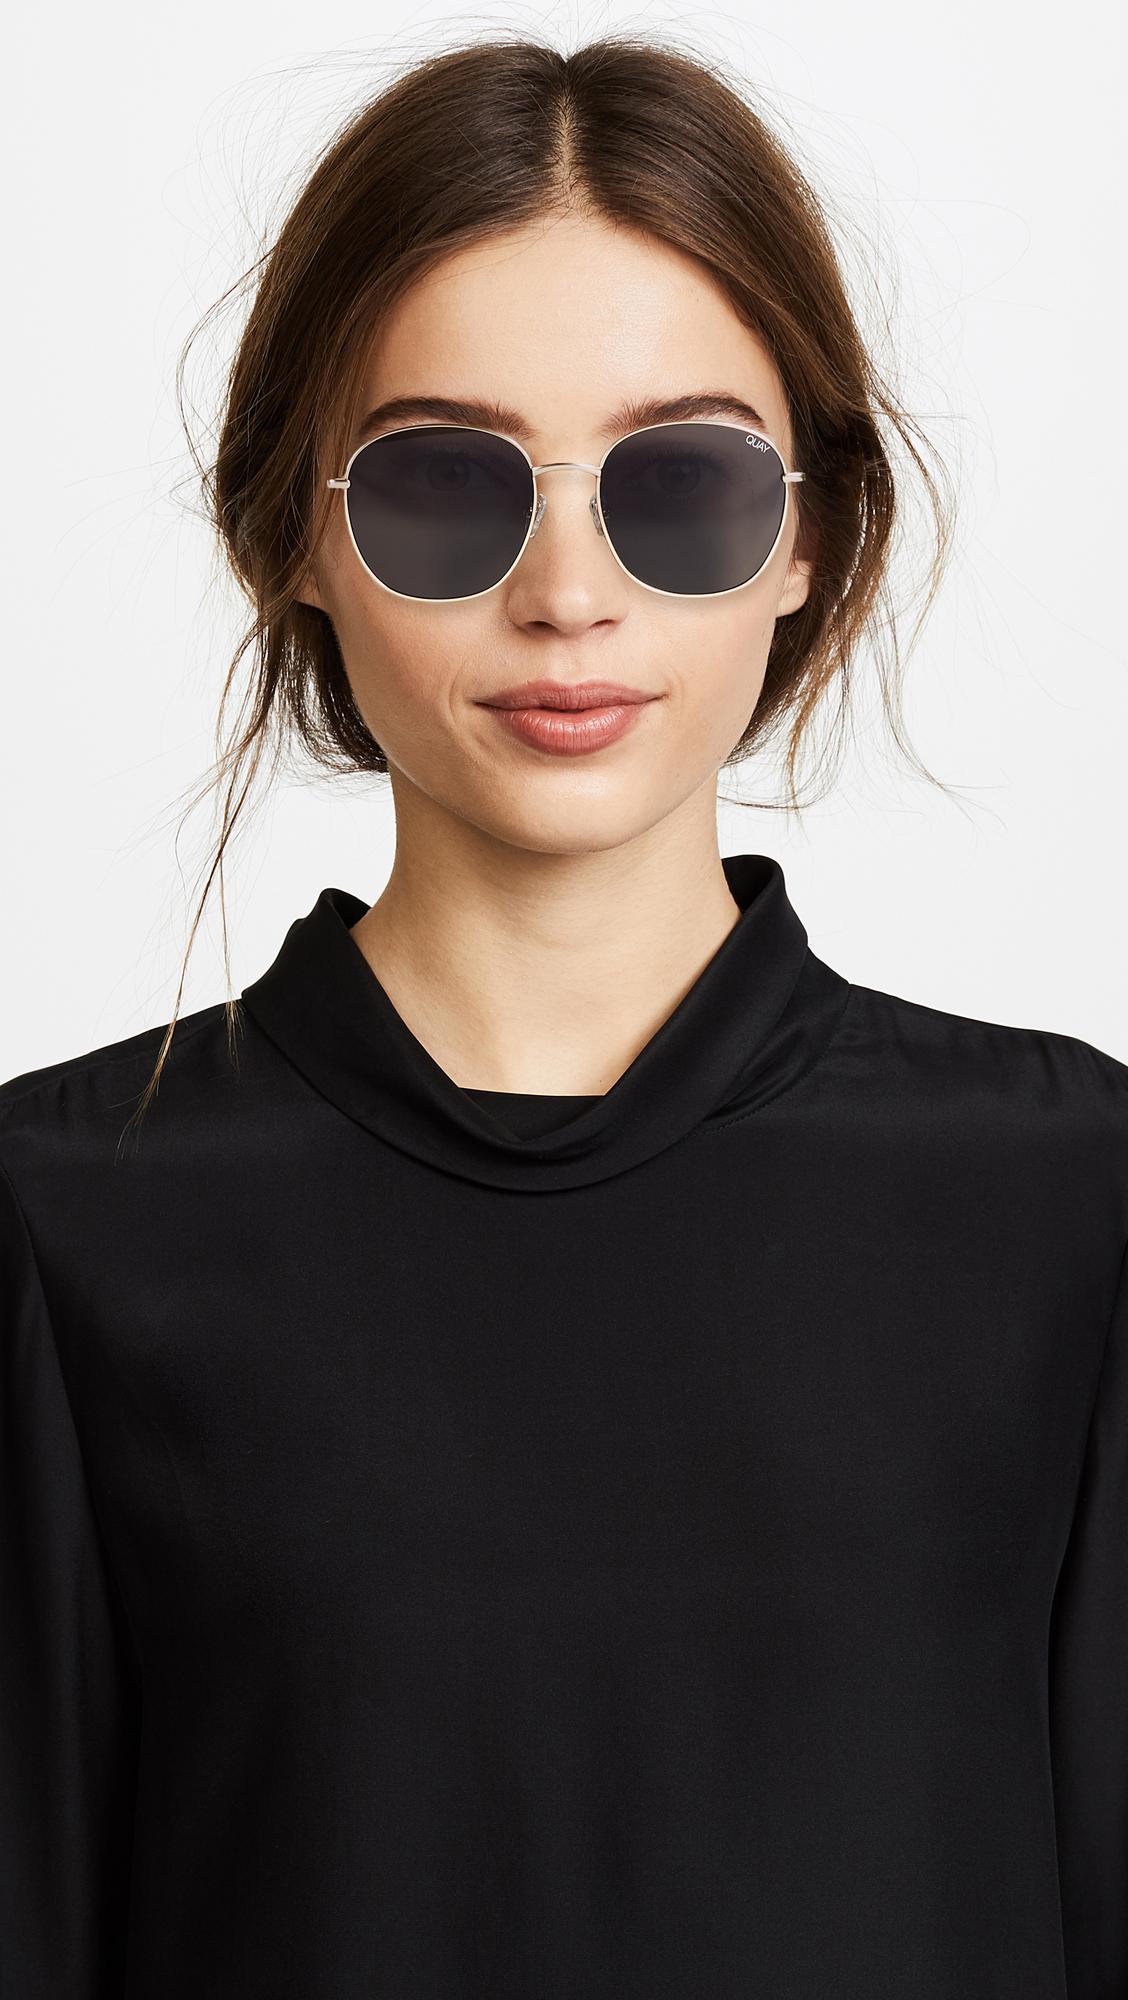 eb7e54793bc Quay Jezabell Sunglasses